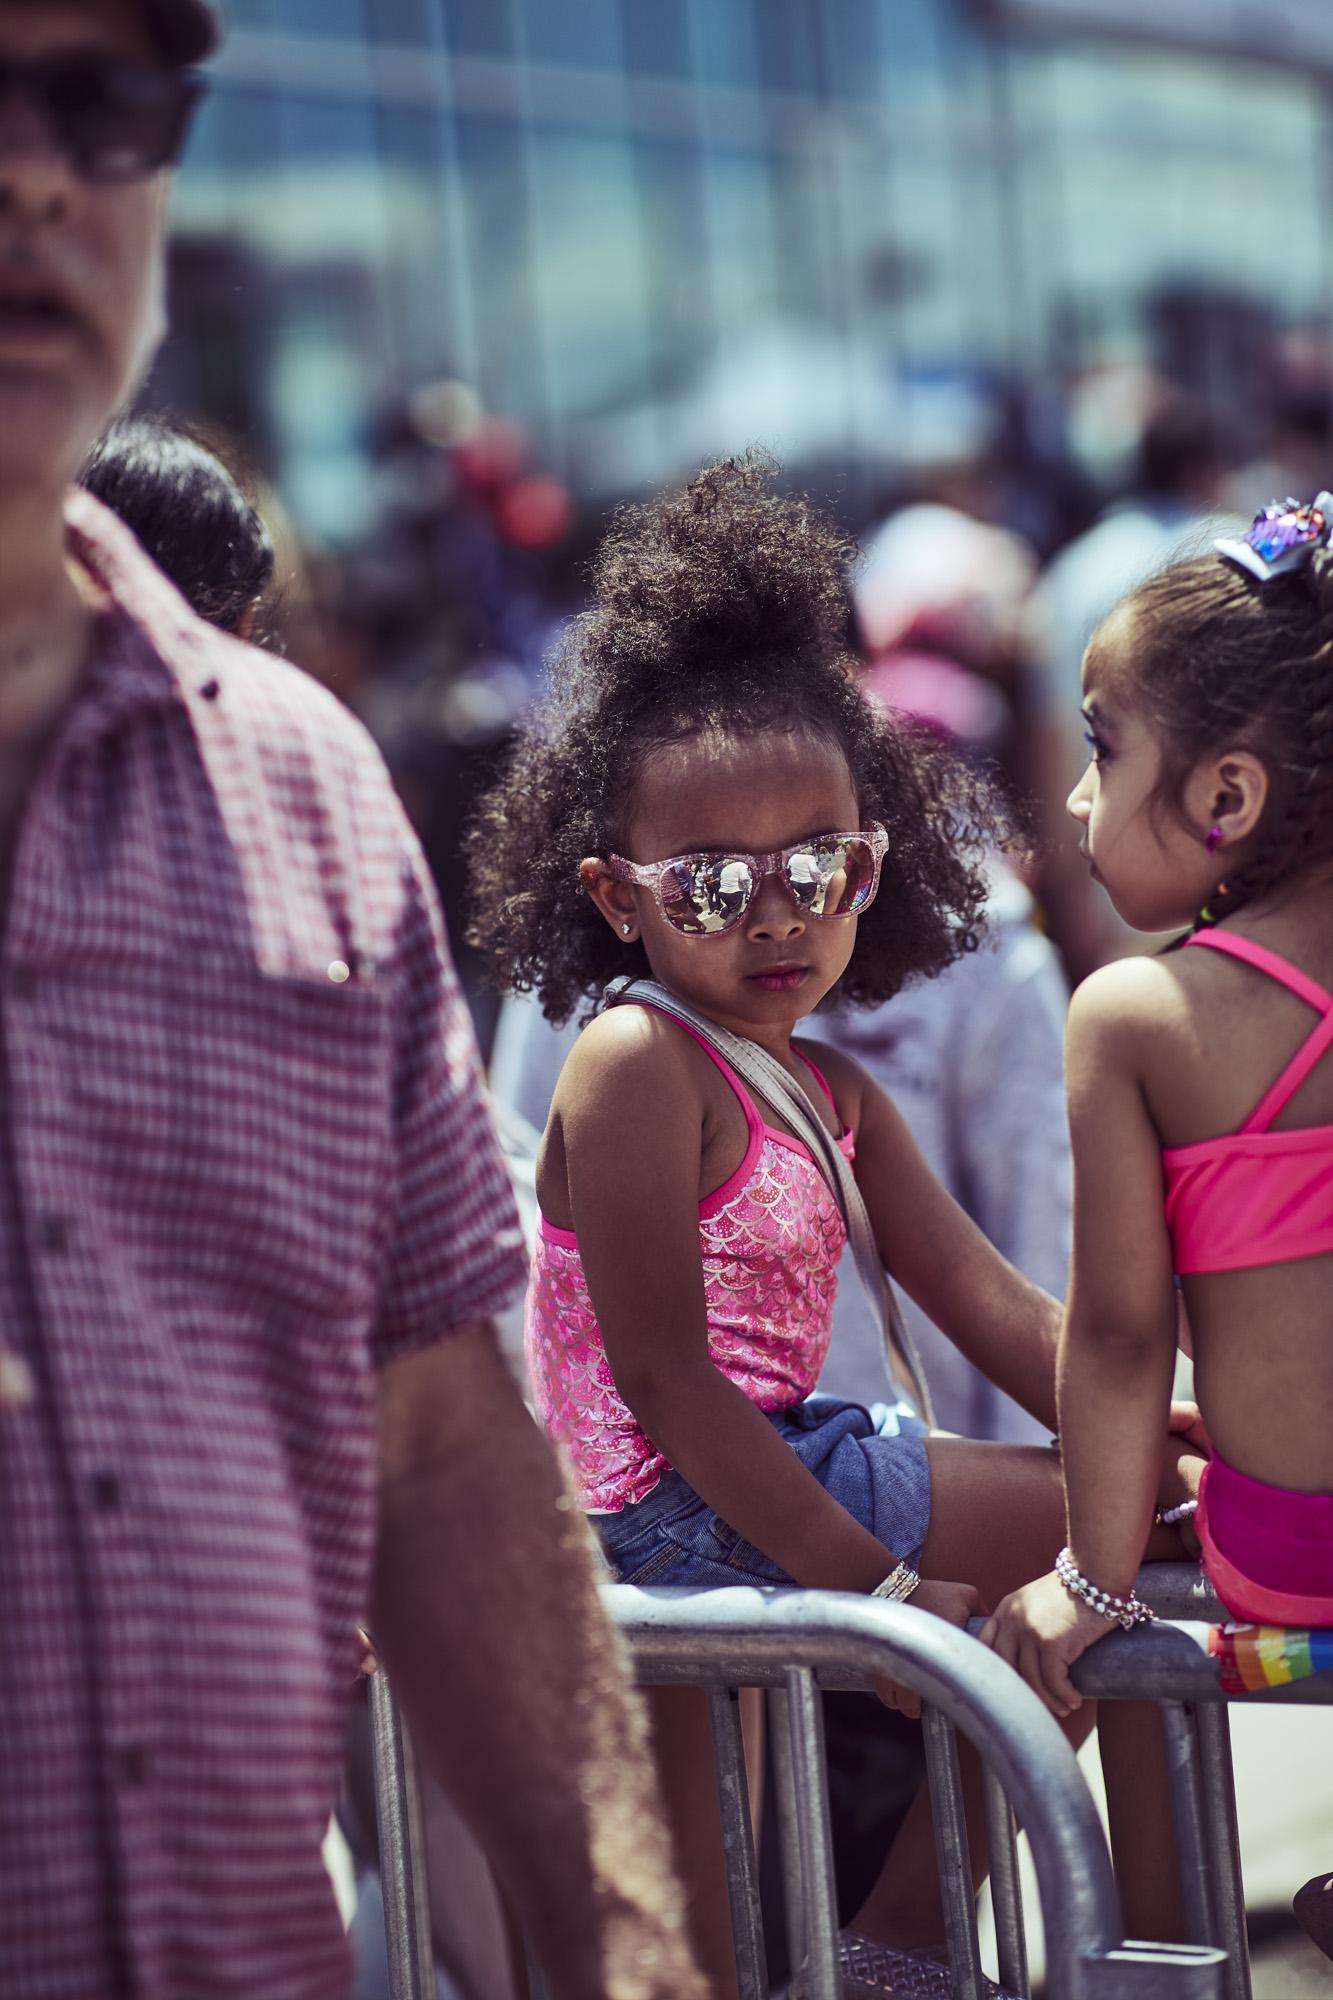 kyrani-kanavaros-new-york-photography-49.jpg